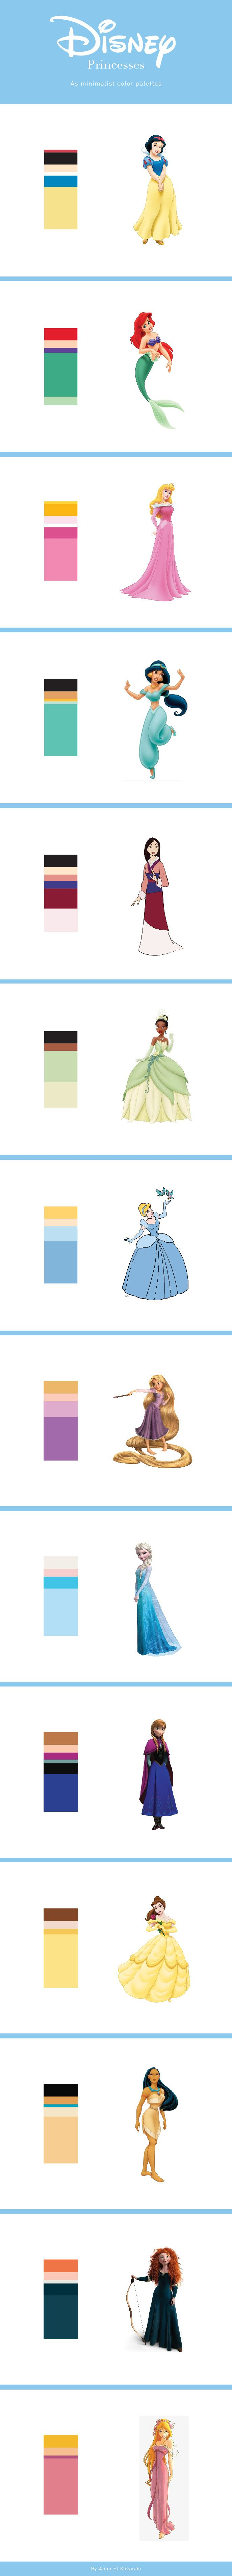 Minimalist Disney Princesses Color Palettes by Aliaa El Kalyoubi